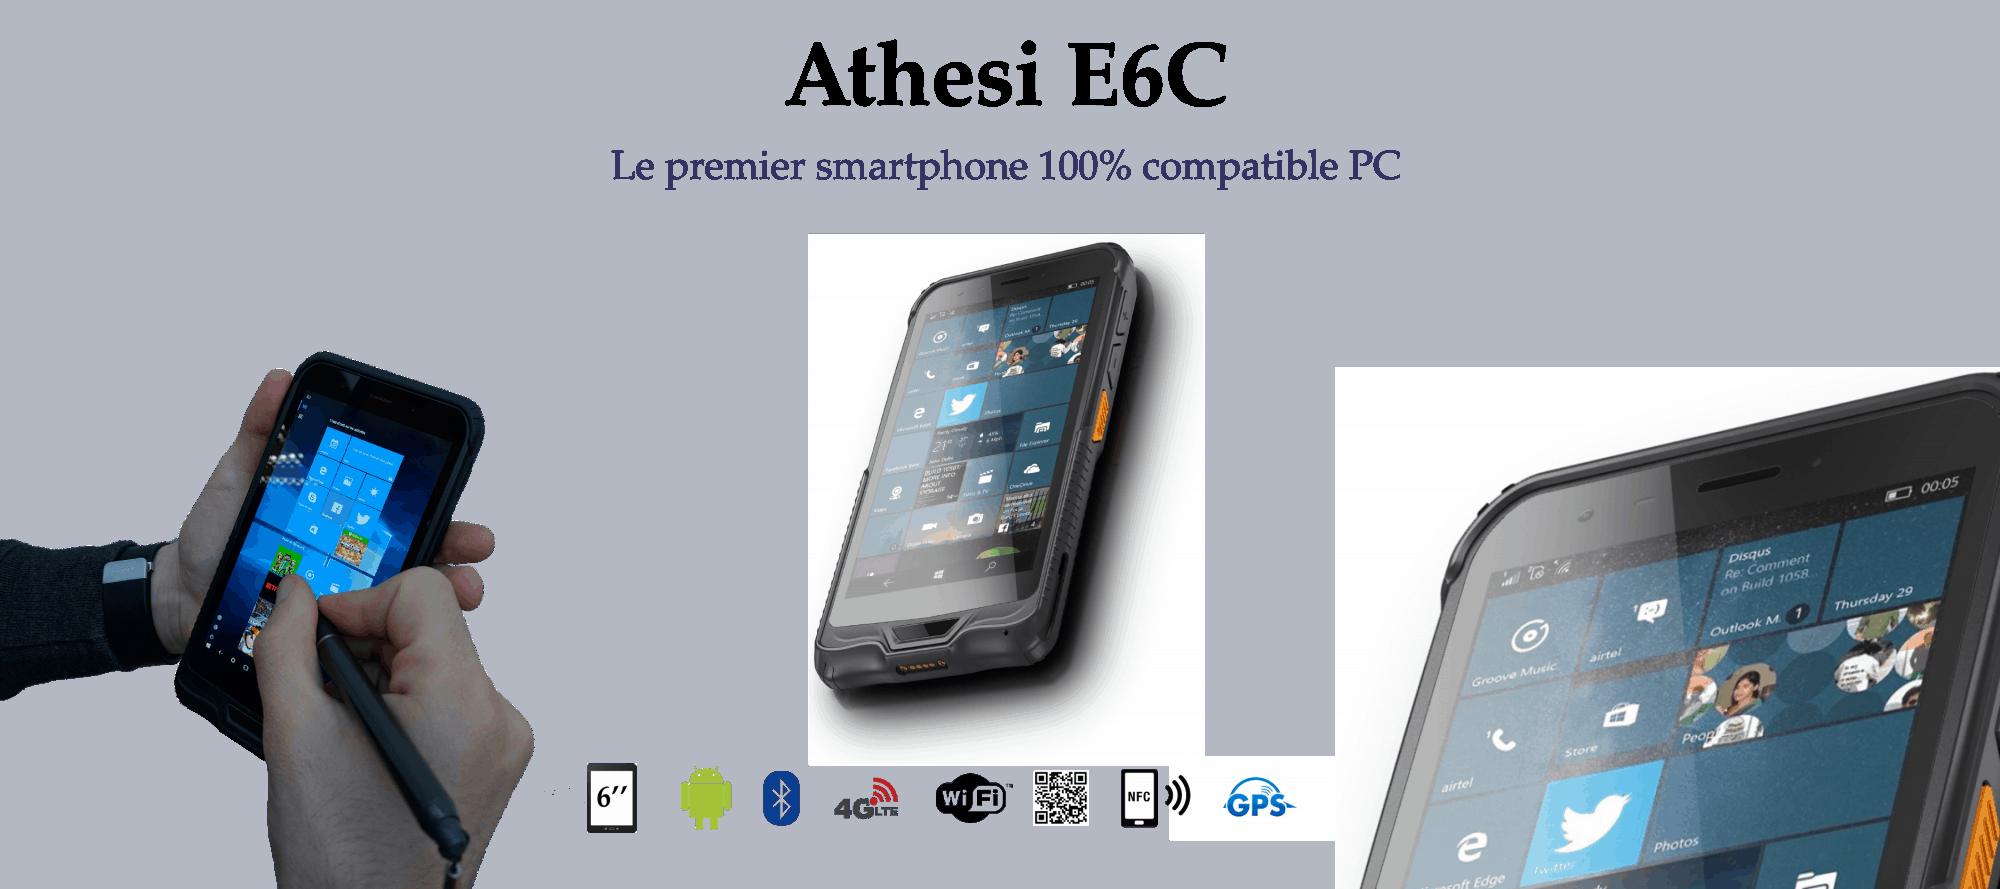 E6C français